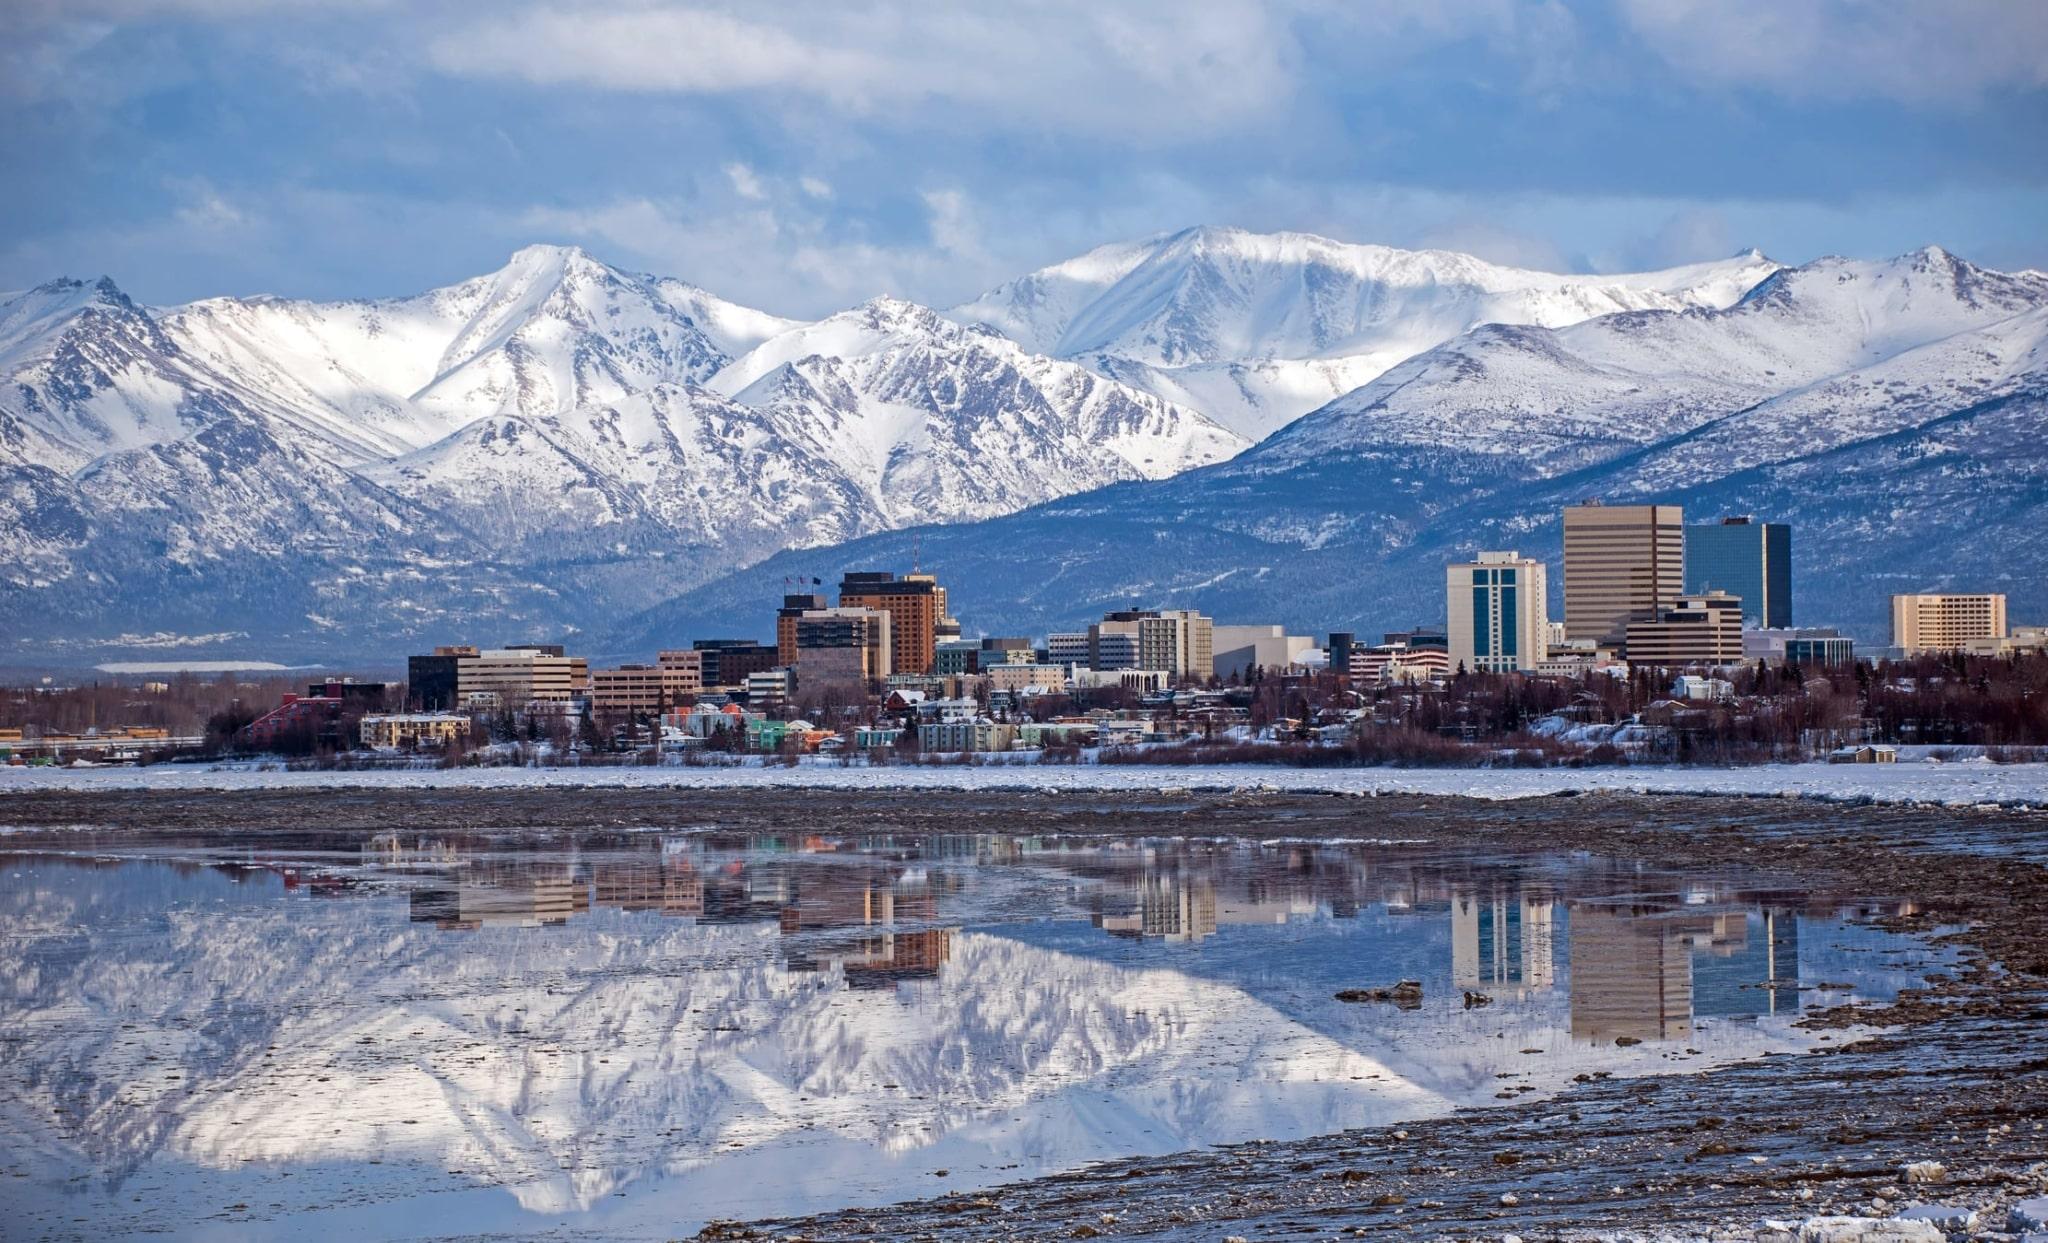 Anchorage, AK Medical Training Facility